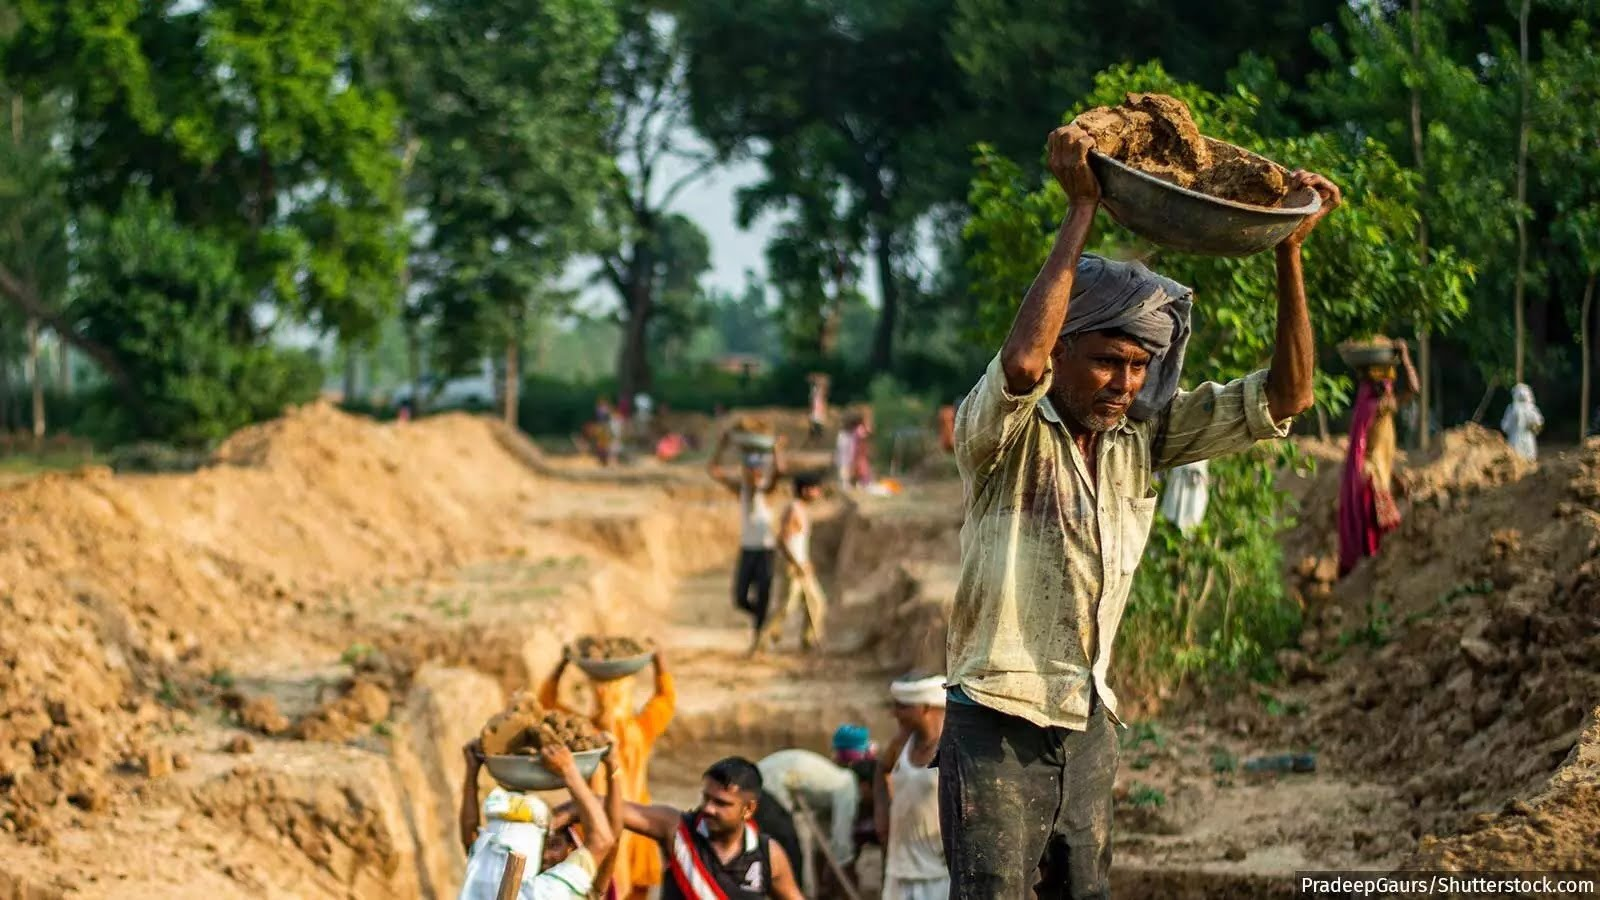 समय पर भुगतान और काम के ज़्यादा दिन, यही है मनरेगा के मजदूरों की मांग | India spend